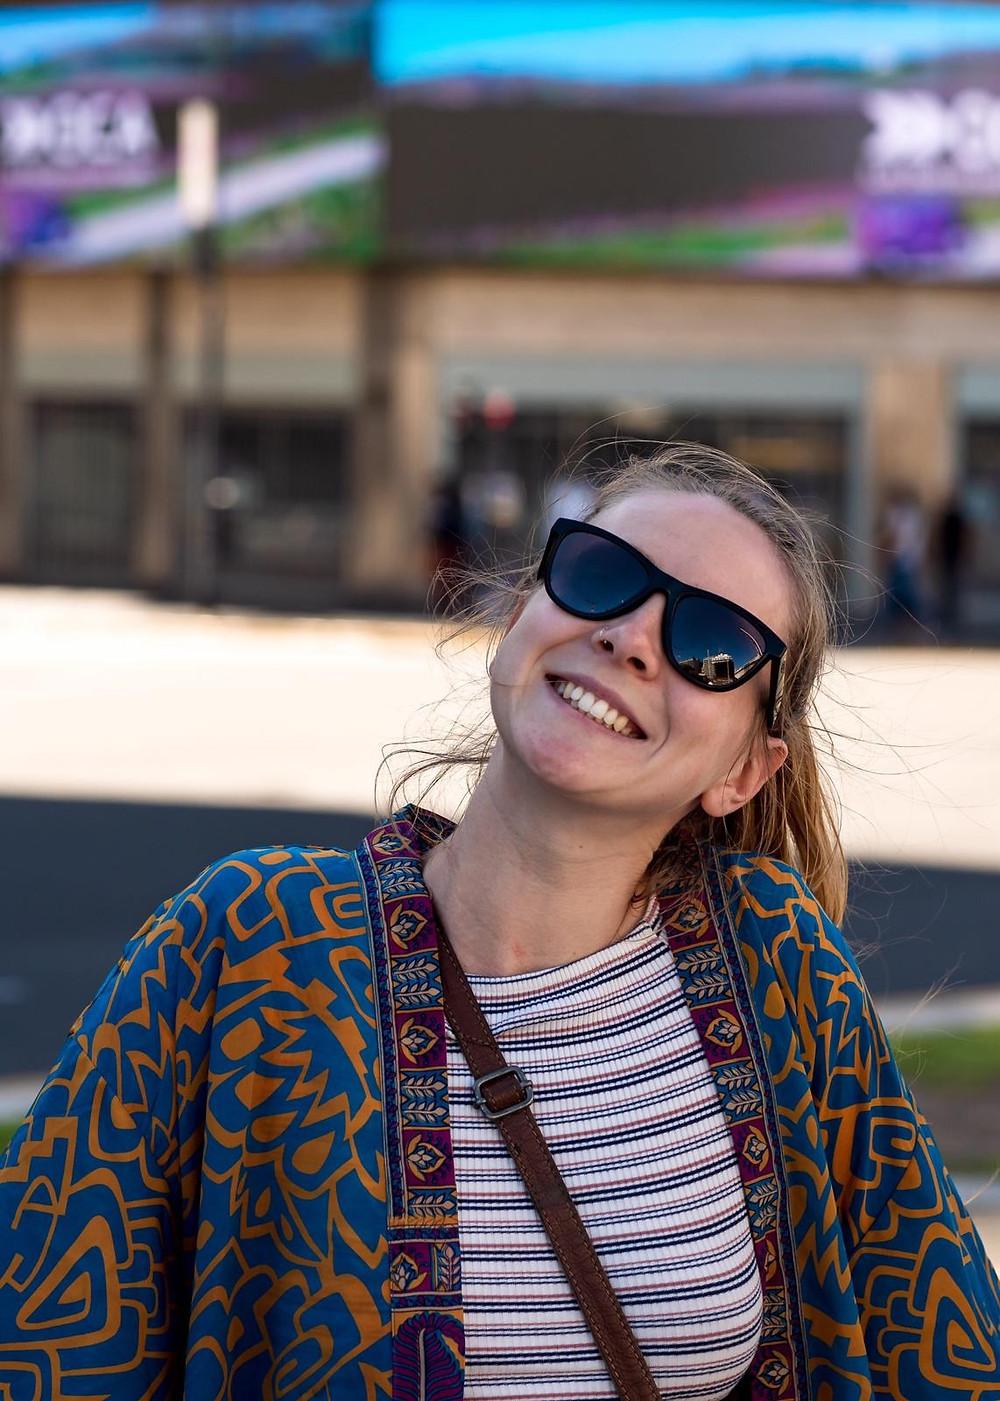 Blonde girl in kimono and sunglasses